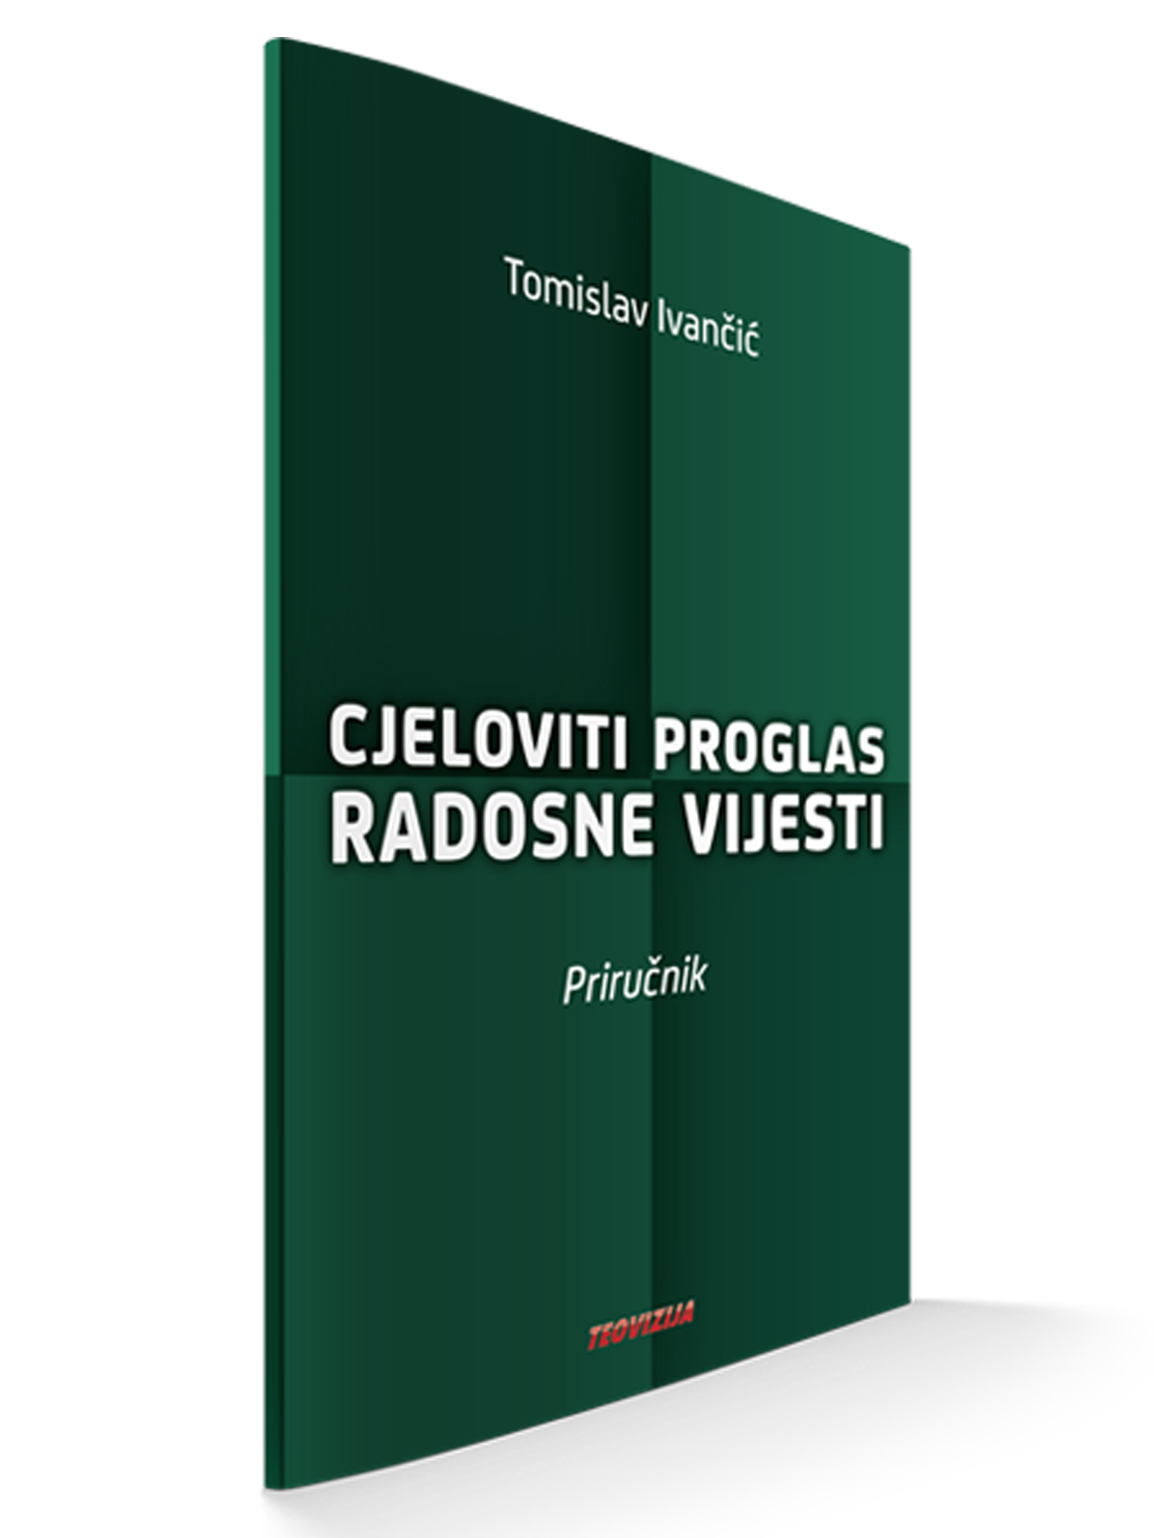 CJELOVITI PROGLAS RADOSNE VIJESTI (Priručnik) - Tomislav Ivančić